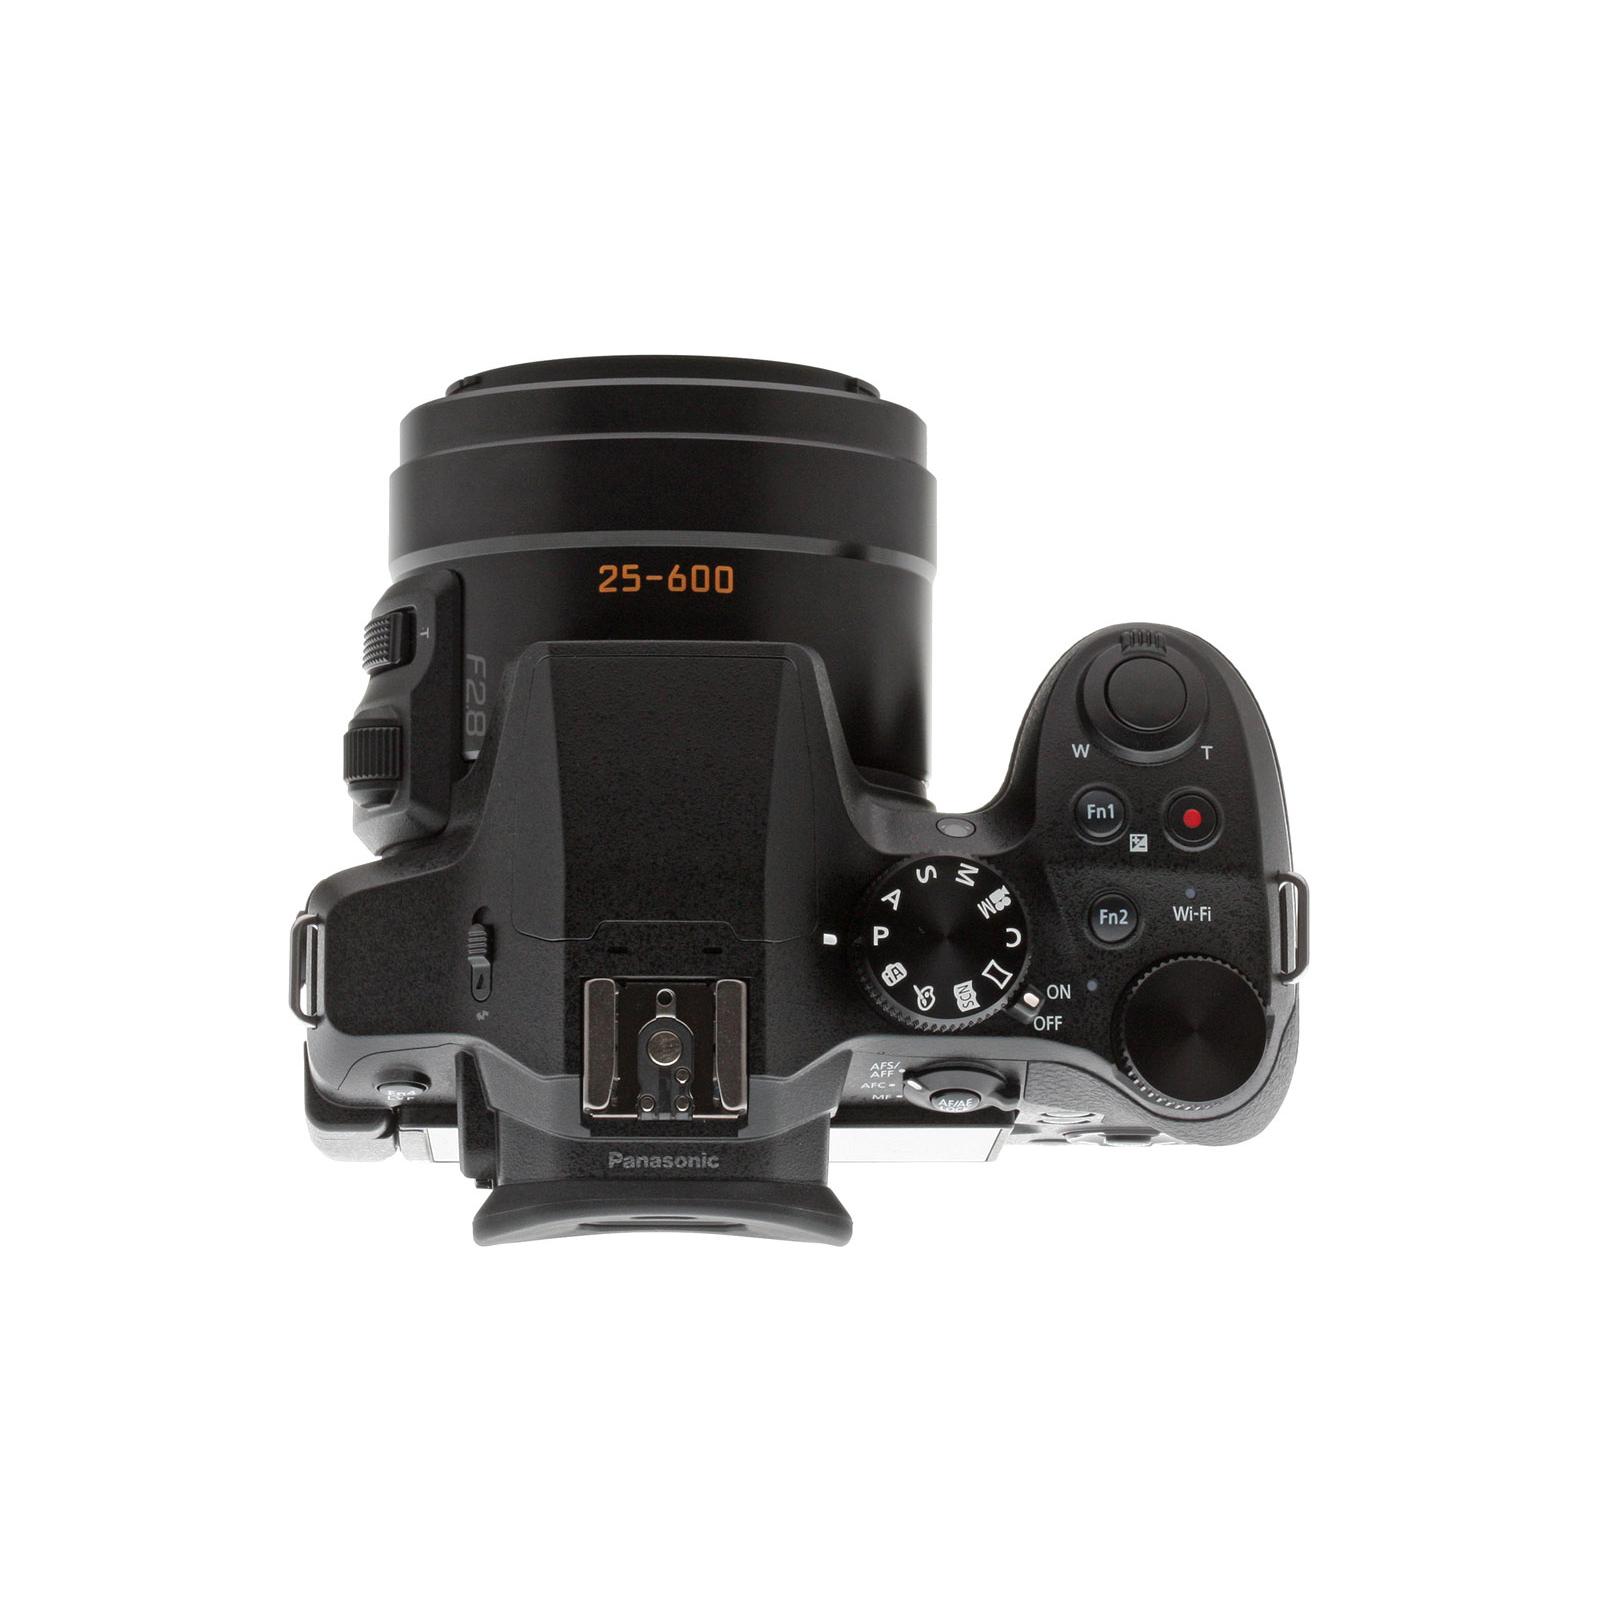 Цифровой фотоаппарат PANASONIC DMC-FZ300 (DMC-FZ300EEK) изображение 4